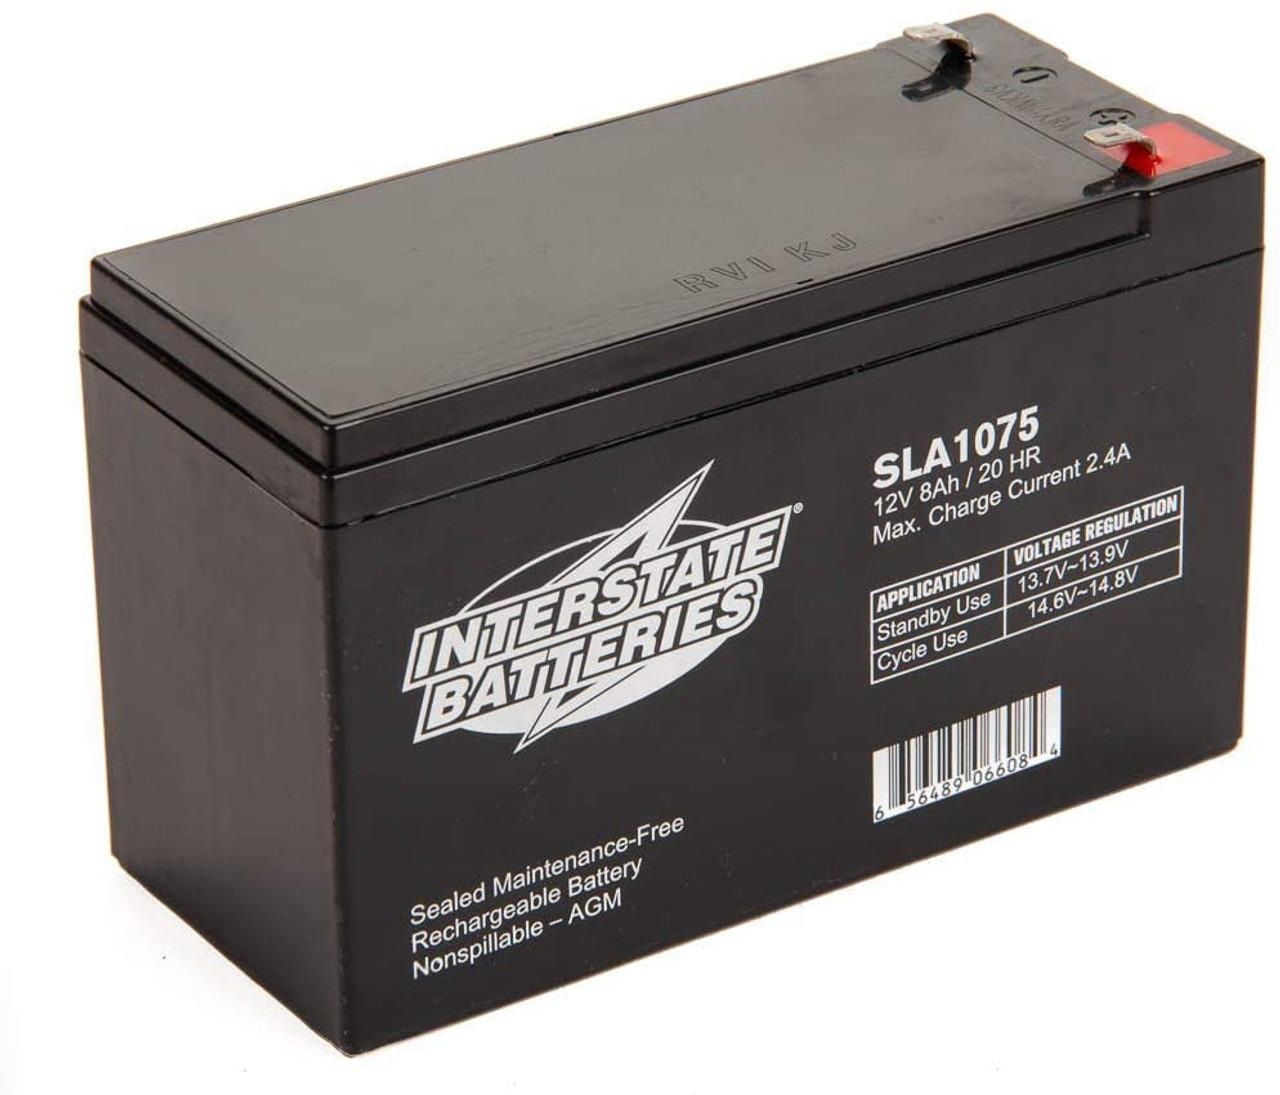 Interstate Batteries SP12-7 12V 8Ah Battery